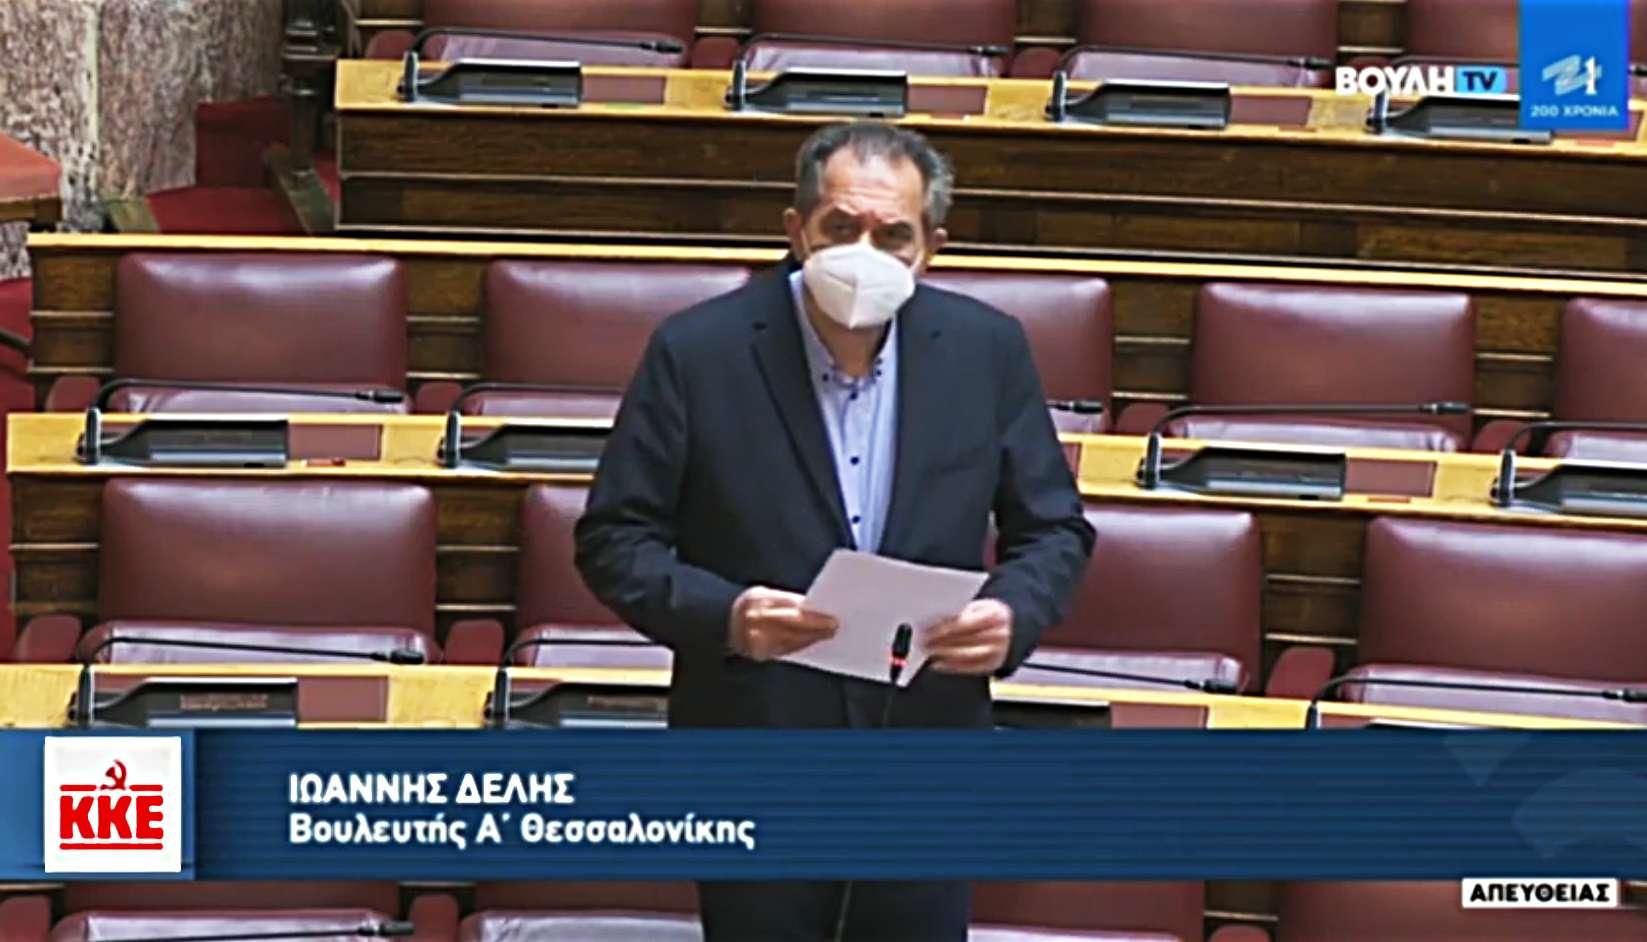 Ιωάννης Δελής ΚΚΕ Βουλή